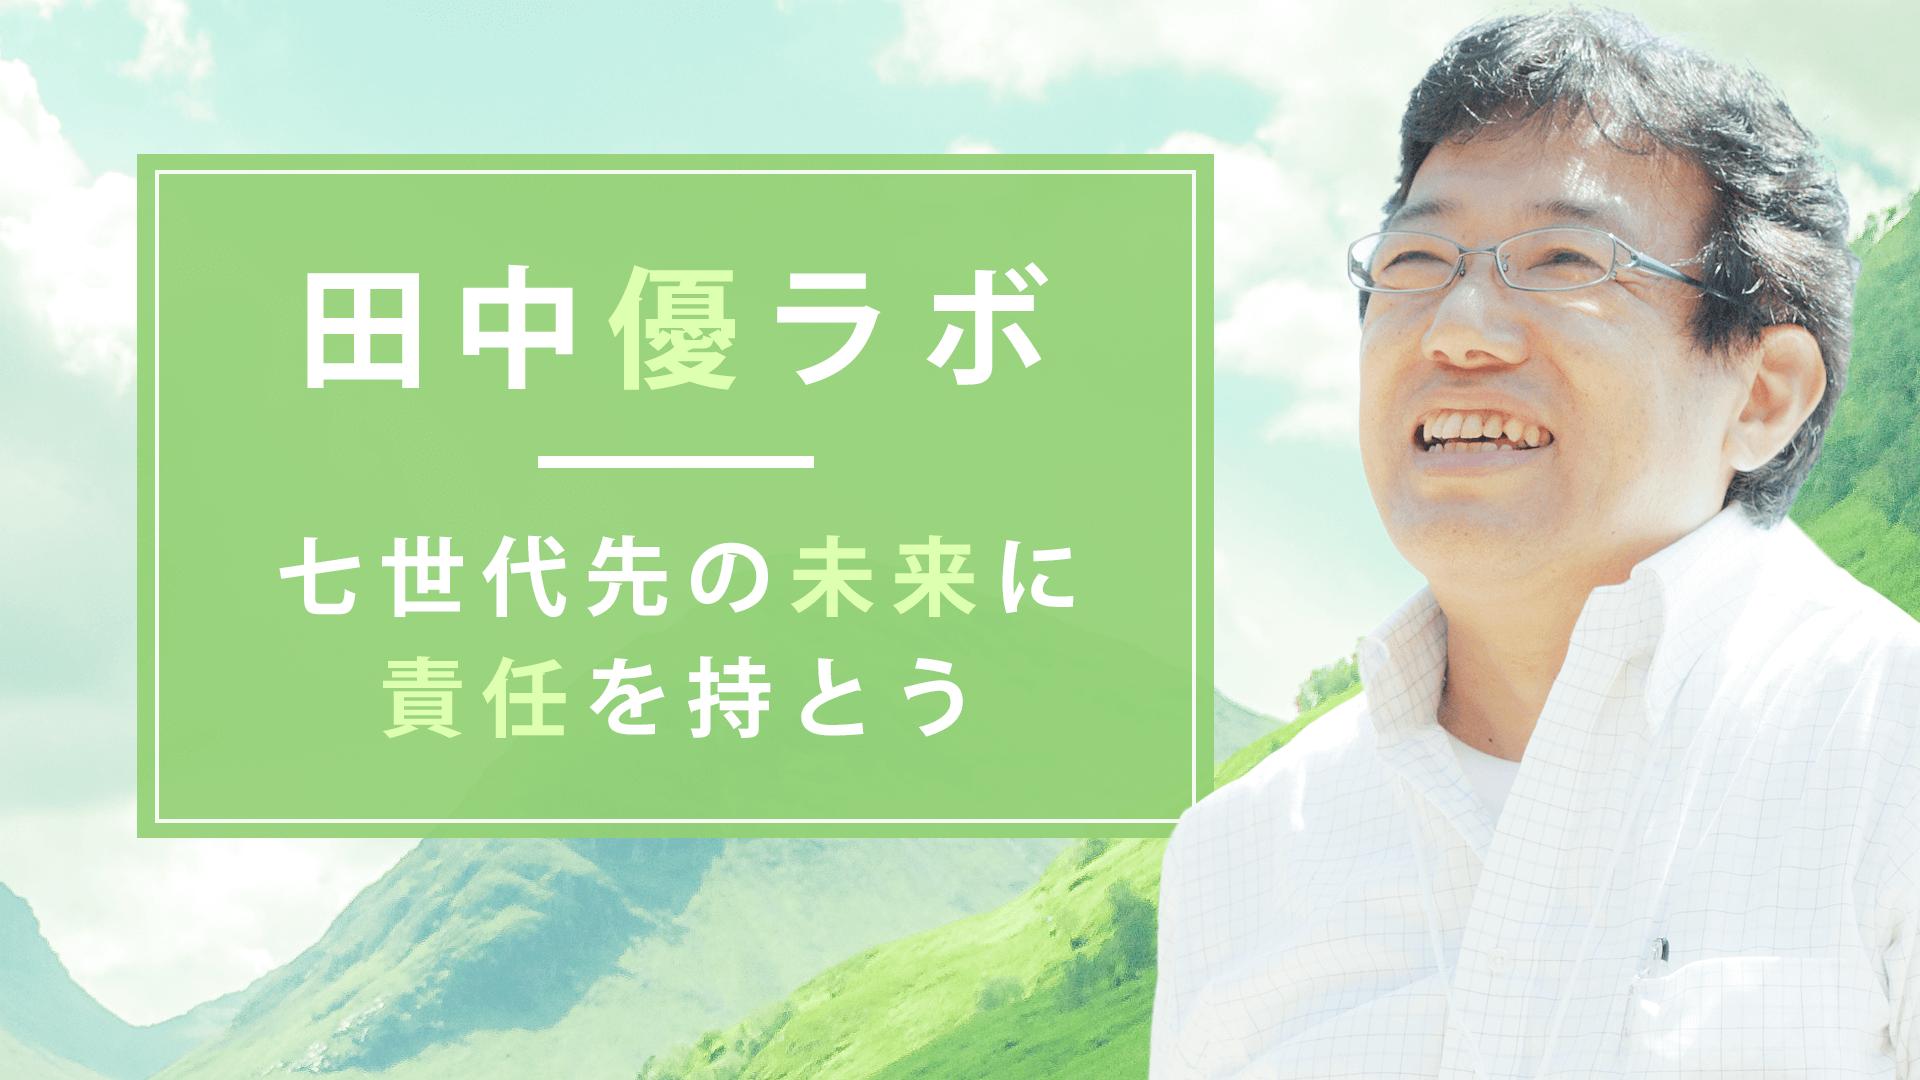 田中優ラボ - 七世代先の未来に責任を持とう -